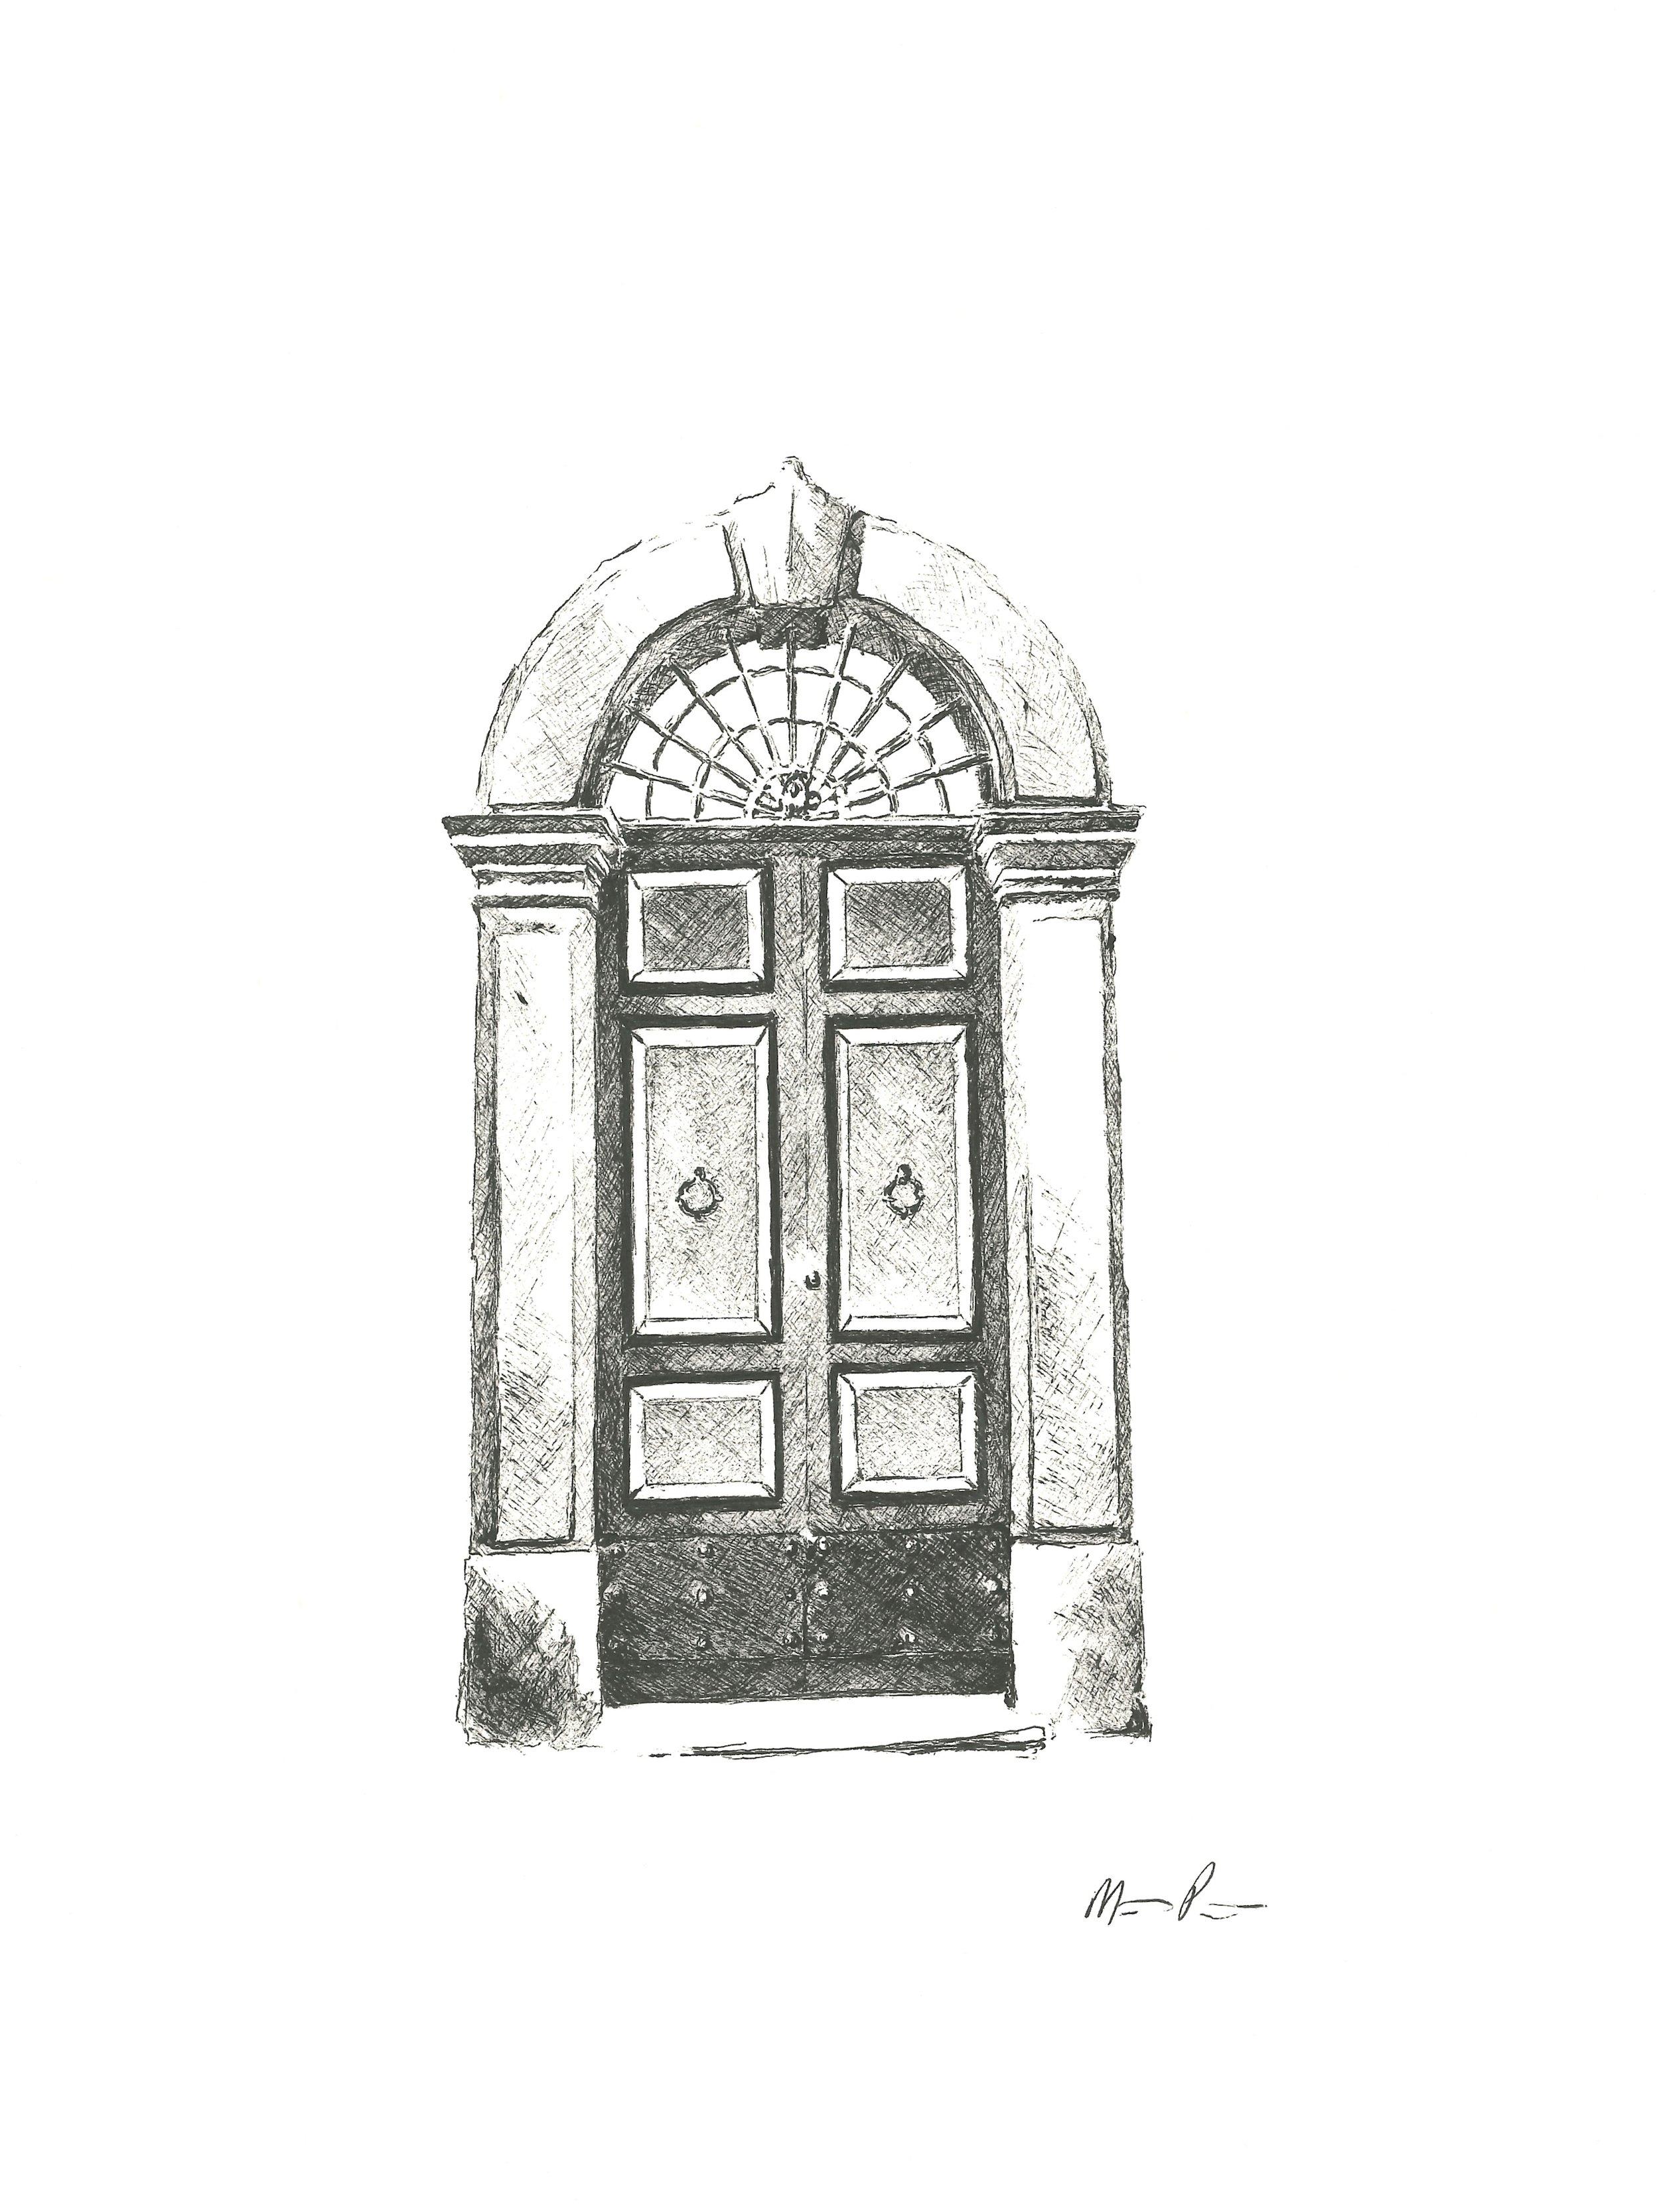 Roman Door - 9'' x 12''$175